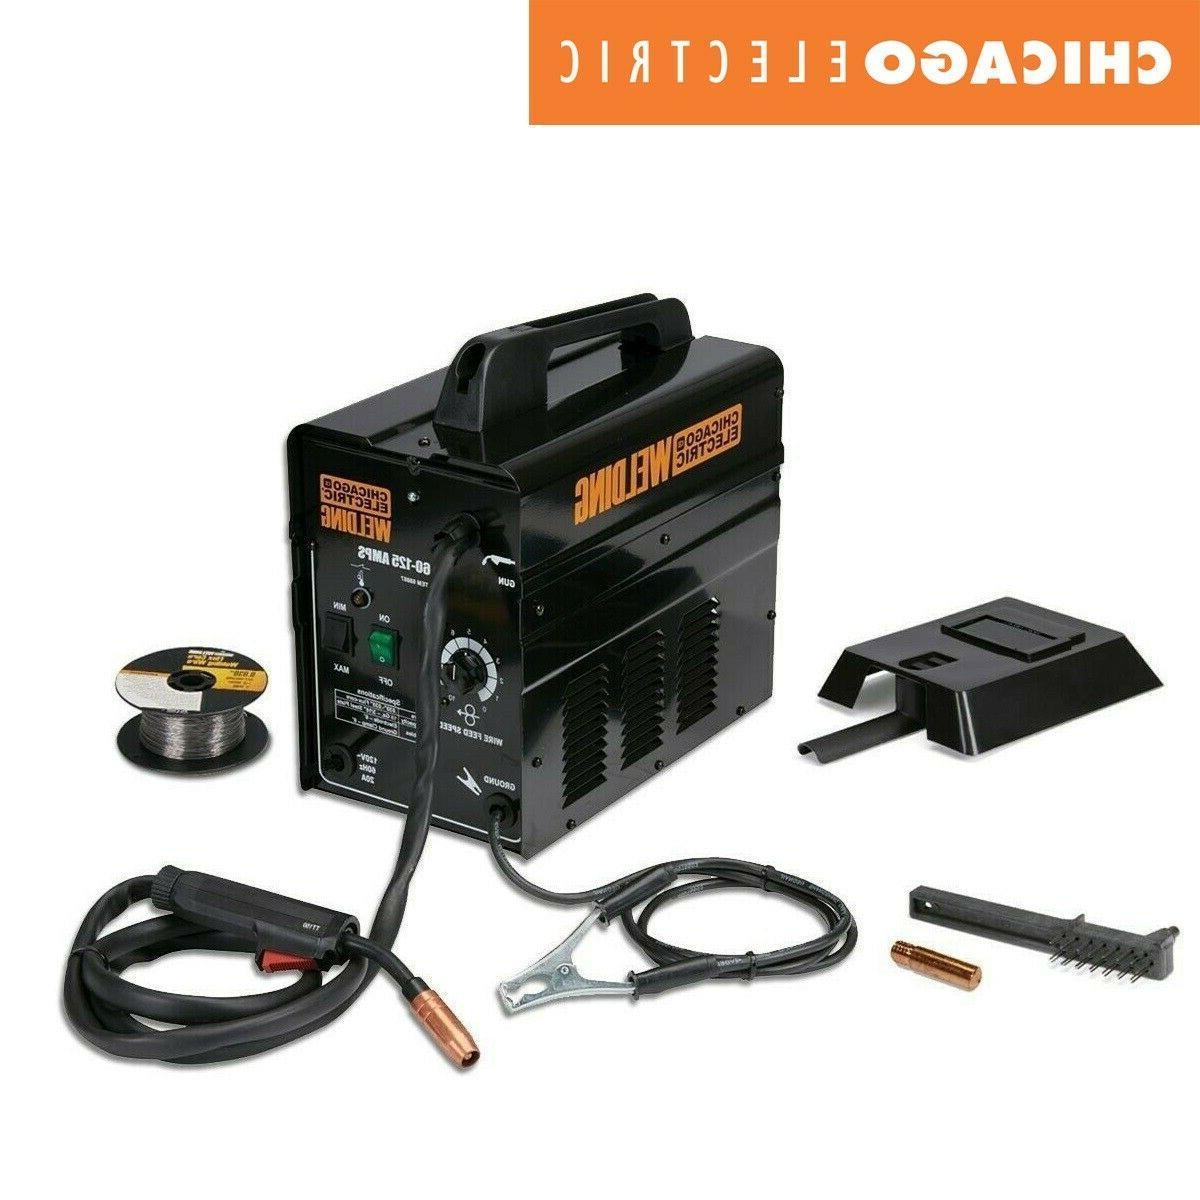 gas less flux welder 125 amps core